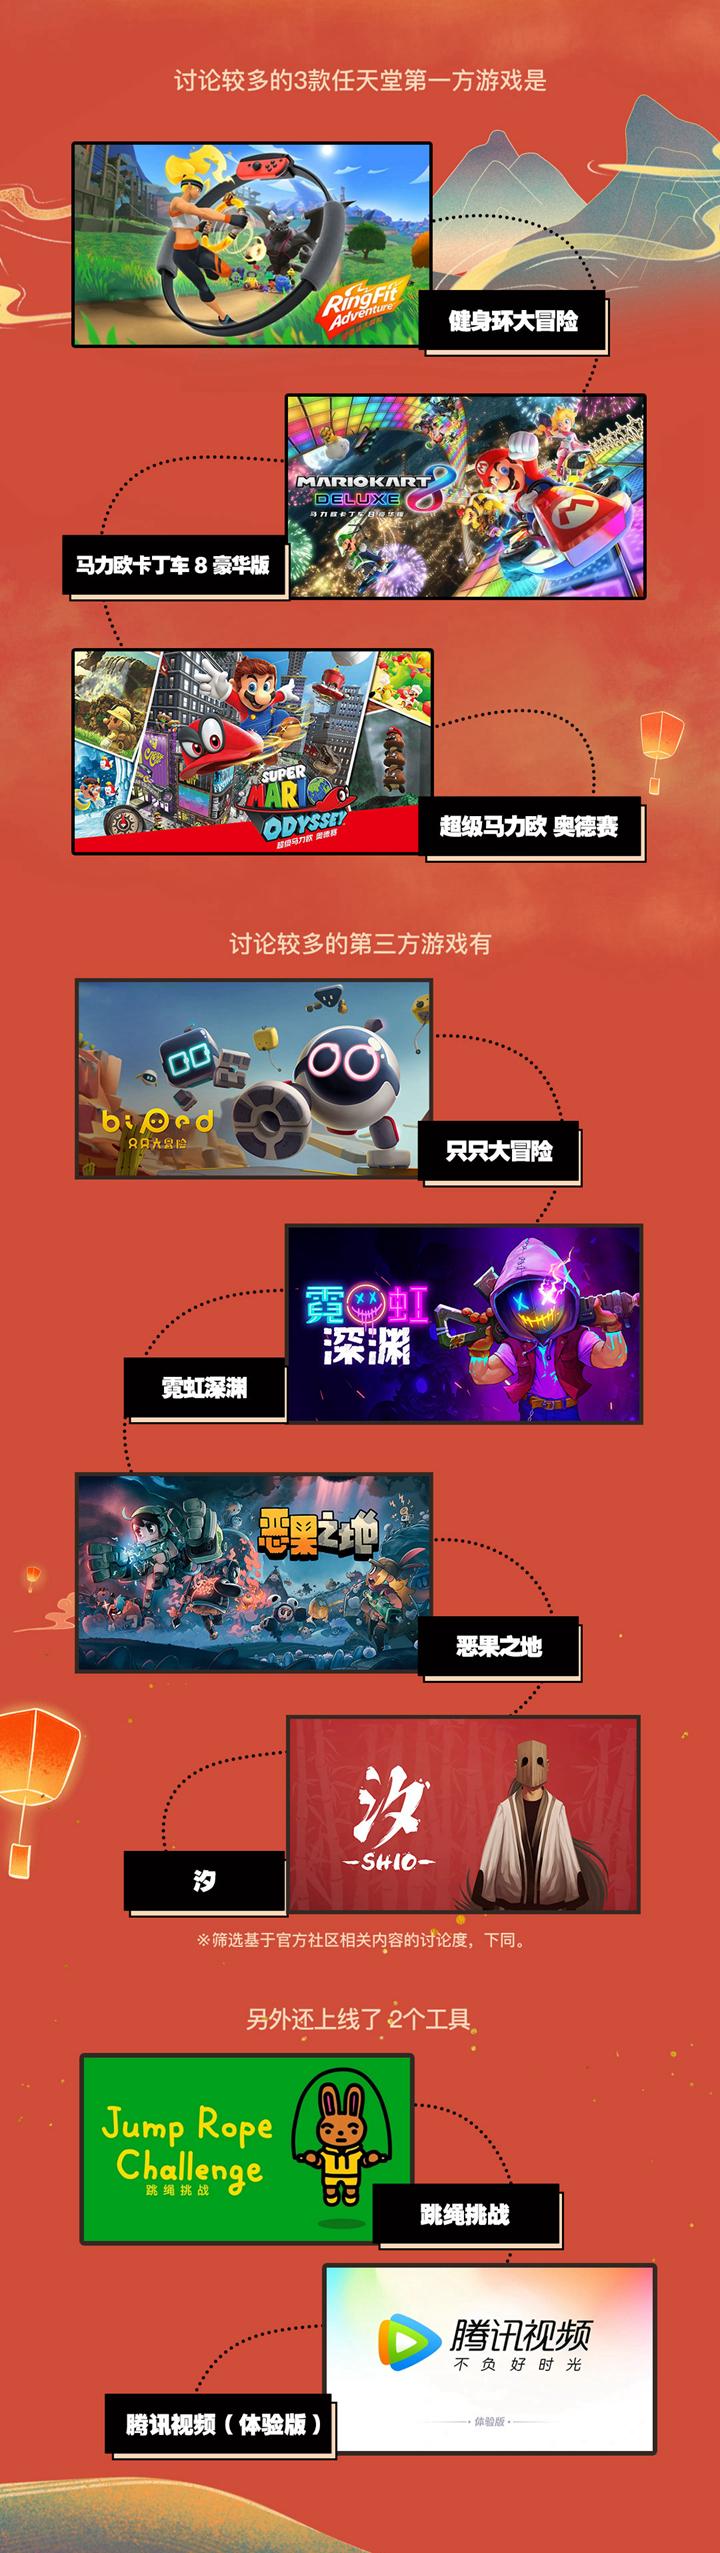 腾讯展示引进Switch一周年成果 共上线12款游戏